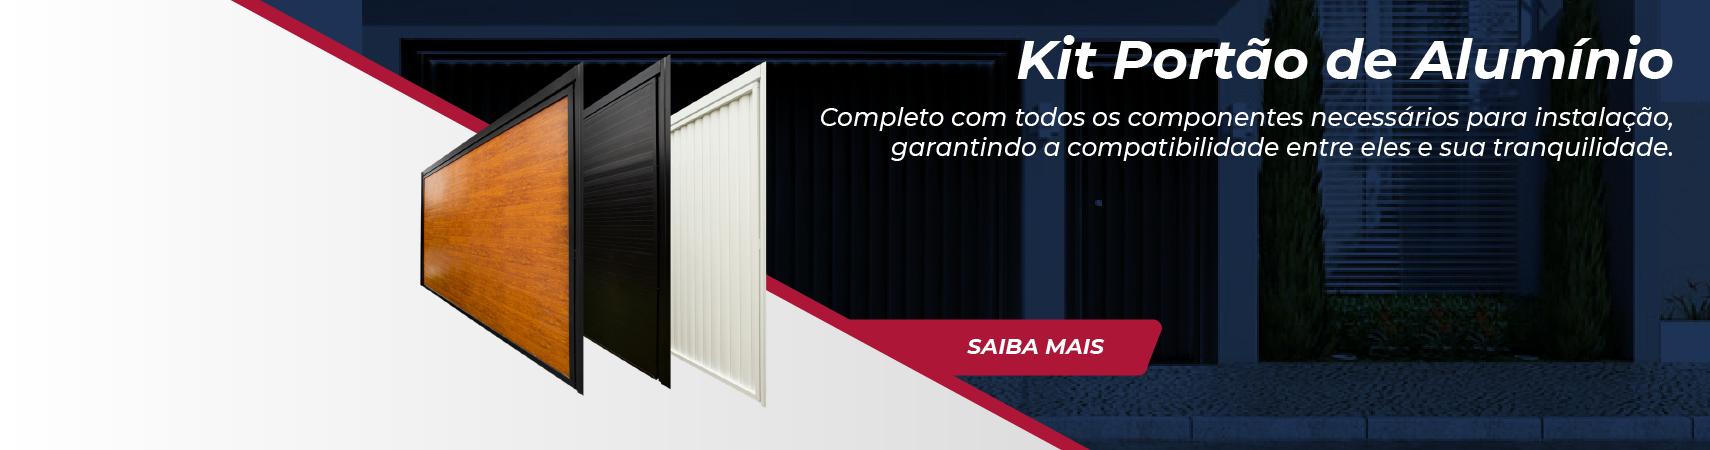 Full Kit Portão